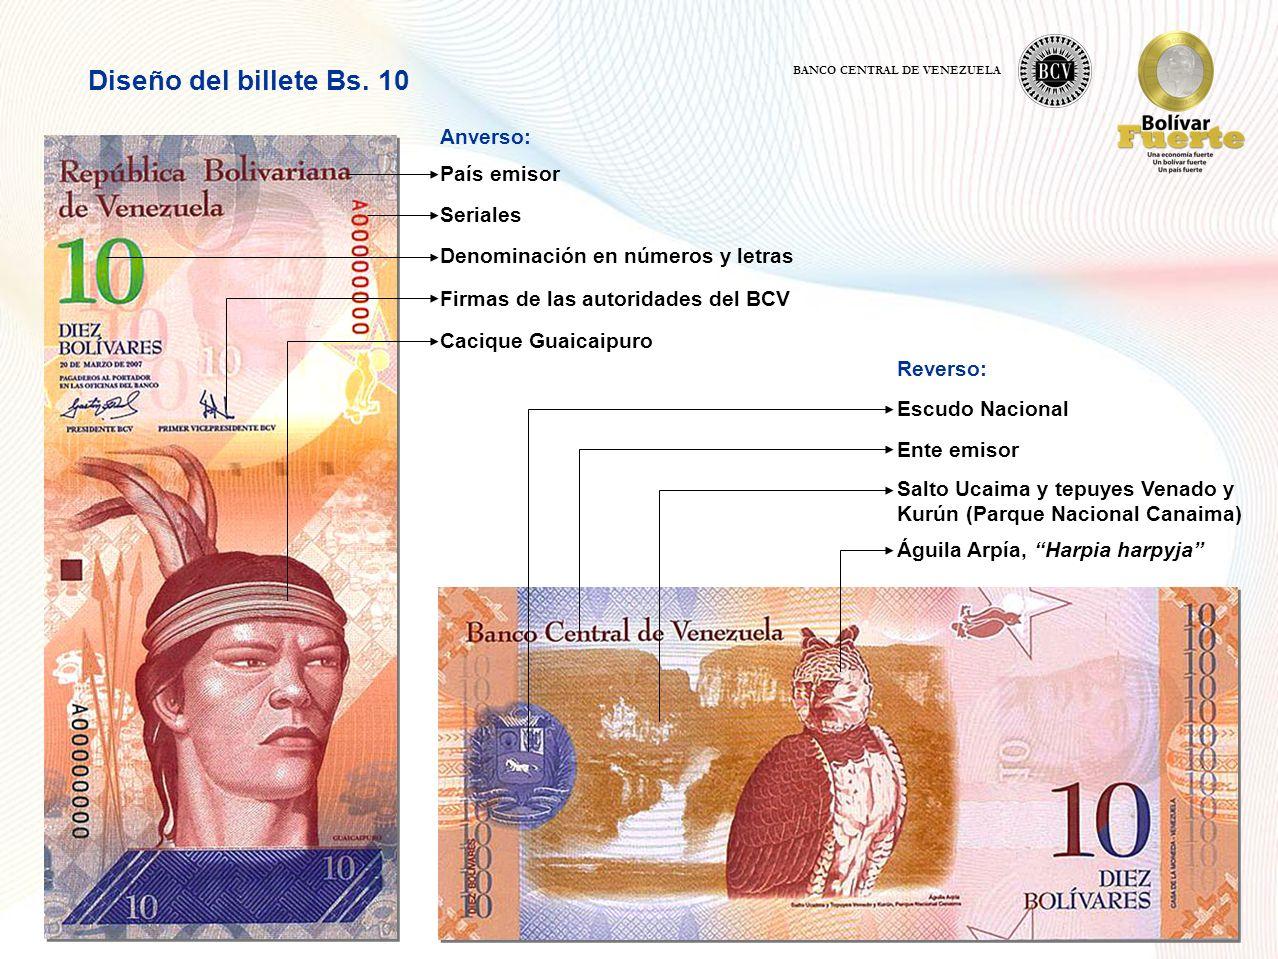 Diseño del billete Bs. 10 Anverso: País emisor Seriales